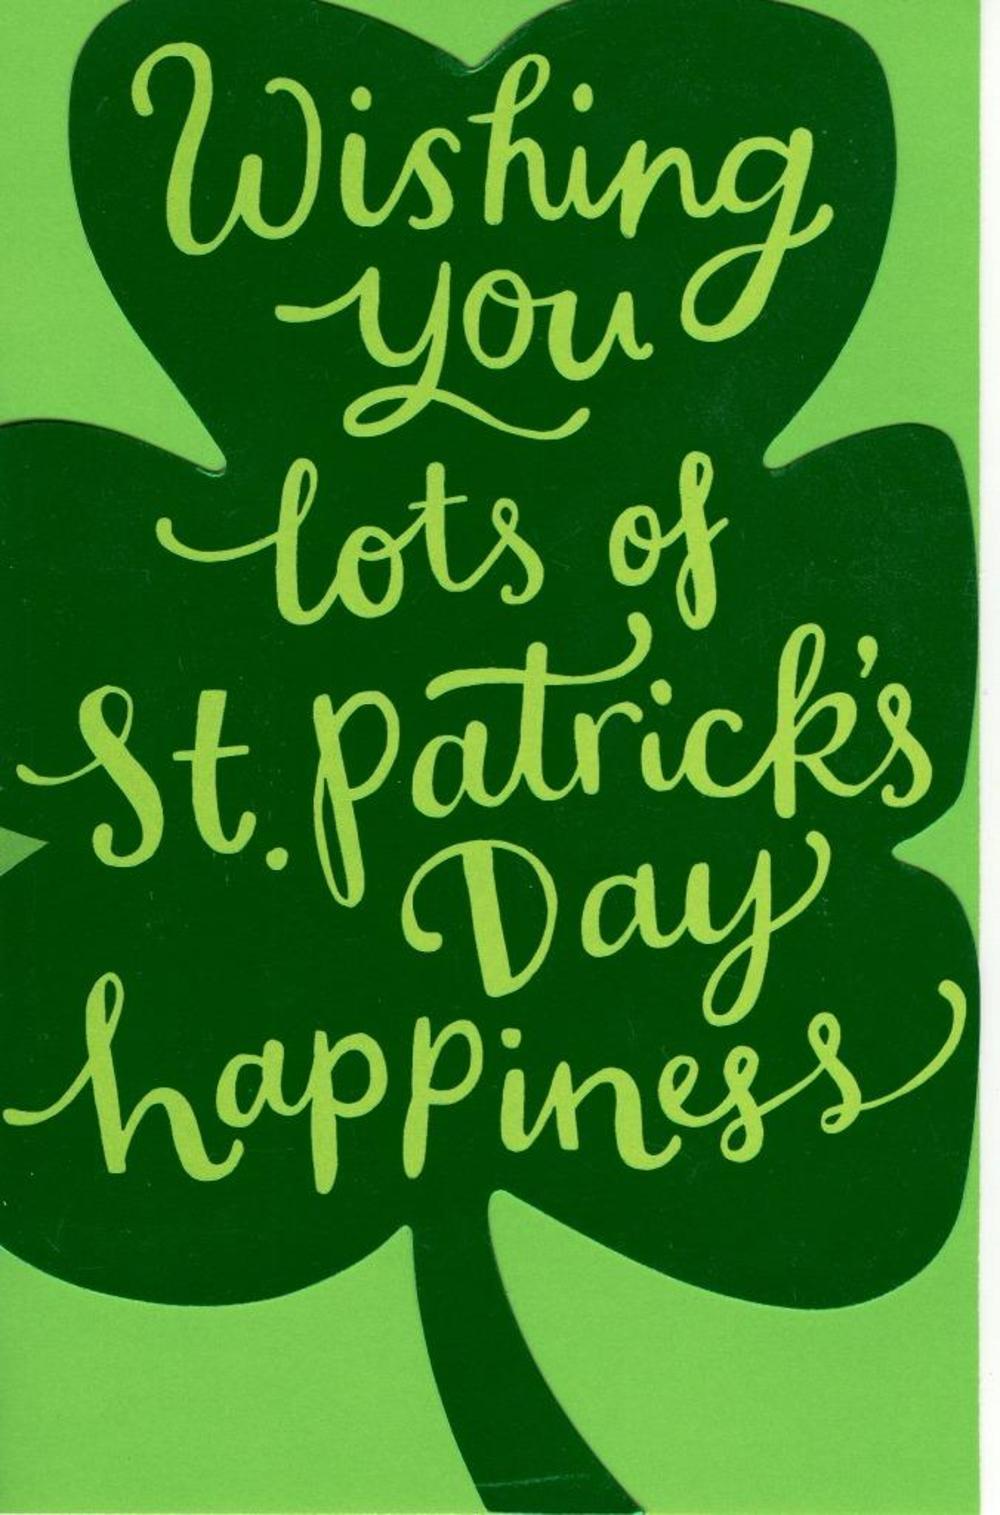 St Patricks Day Shamrock Greeting Card Cards Love Kates